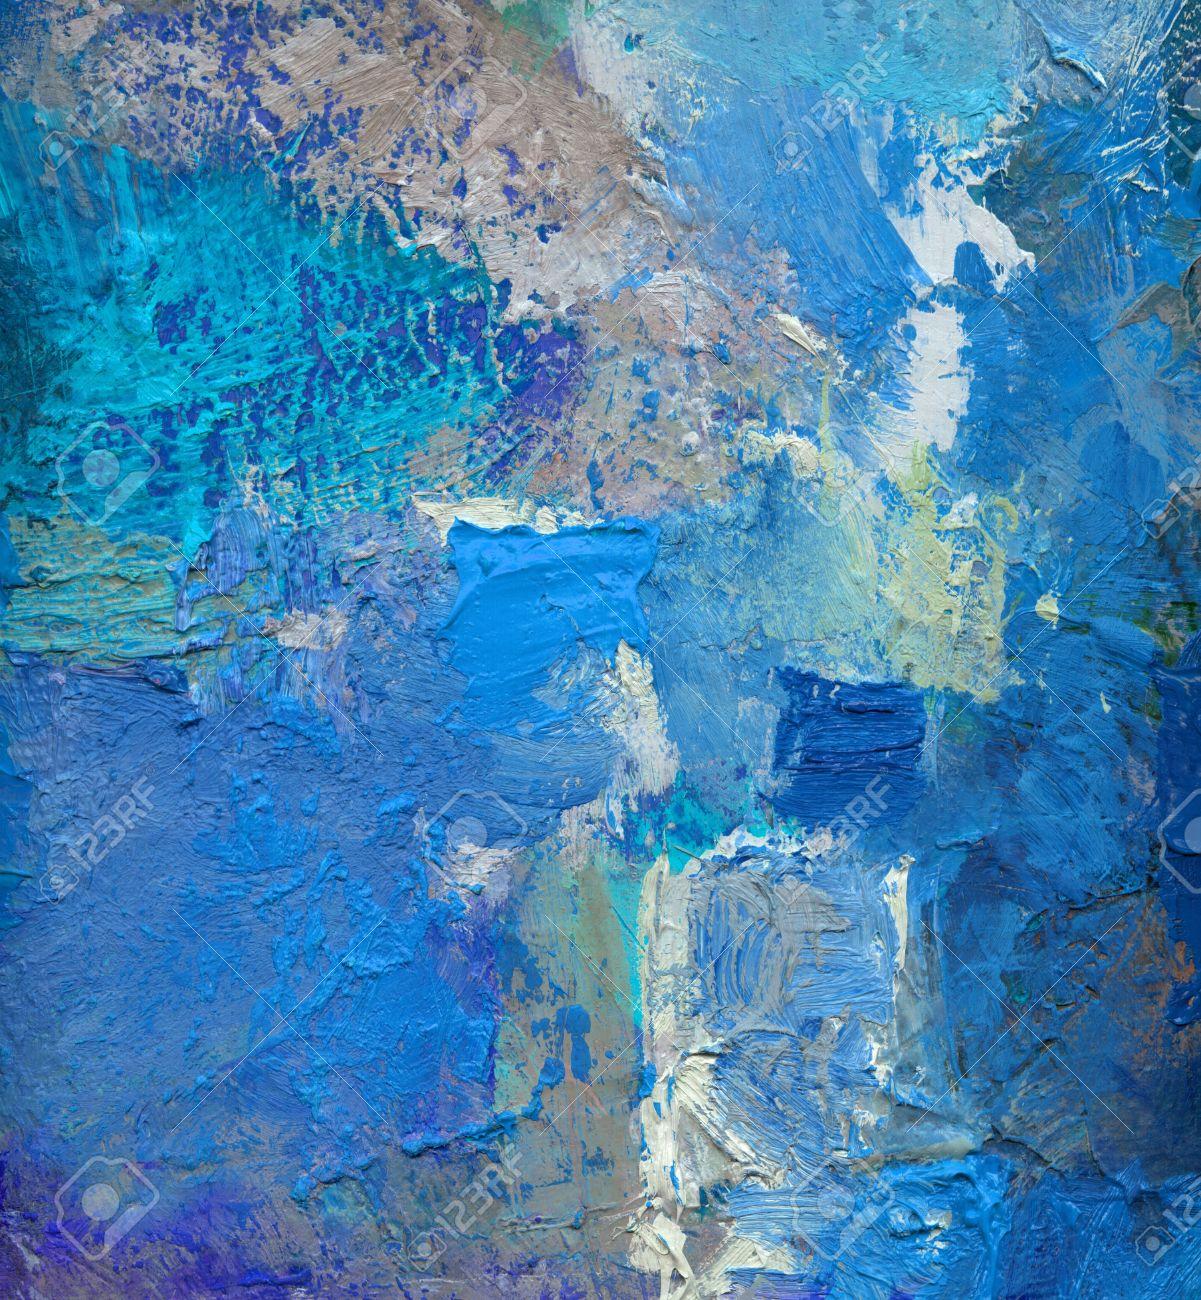 Abstrait Bleu Couleur Illustration De La Couche Les Textures De